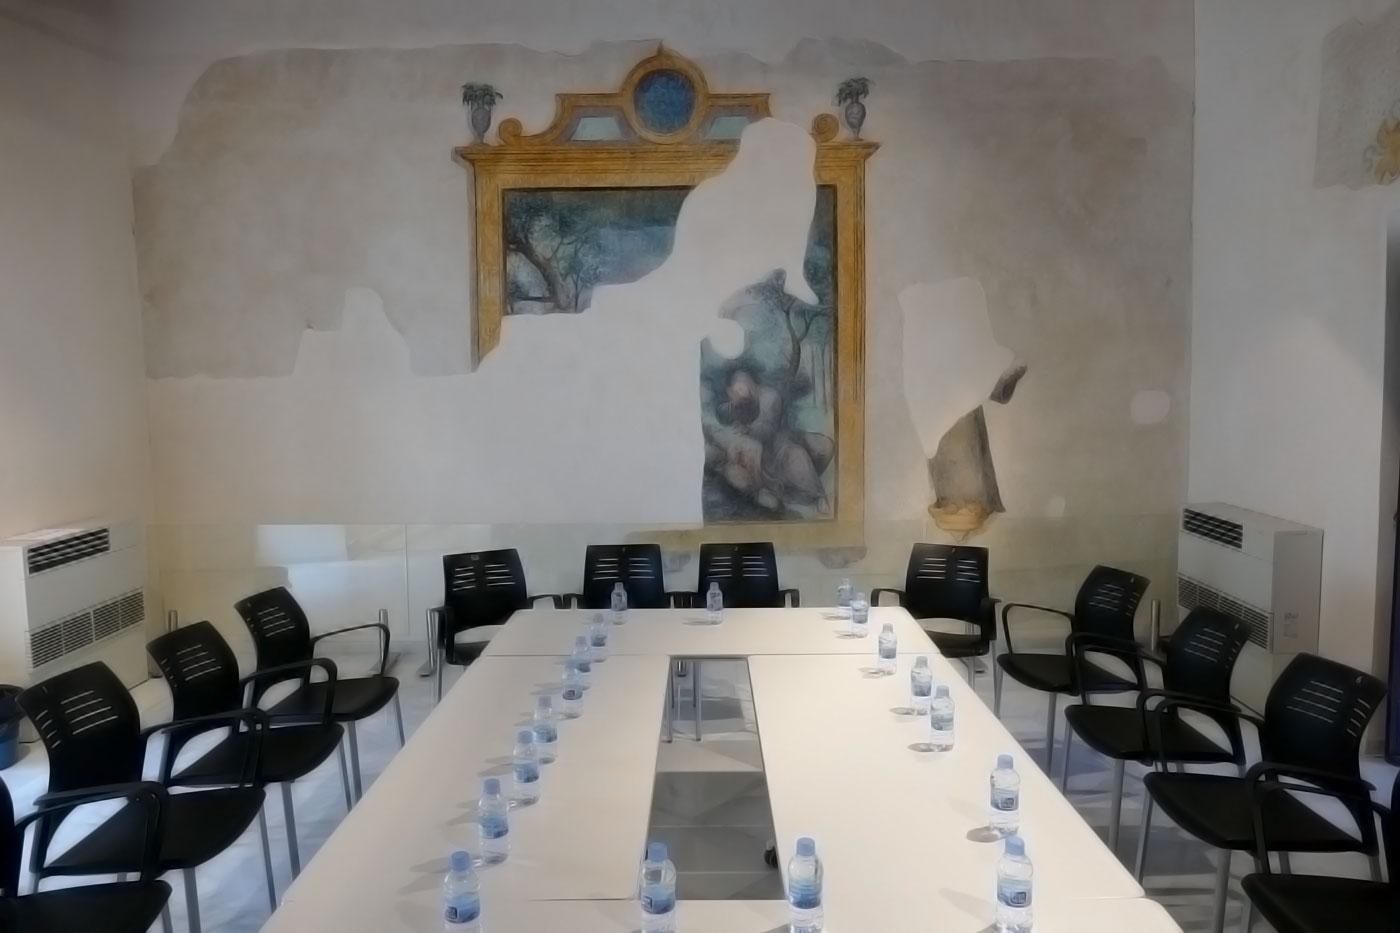 sala reuniones espacio santa clara sevilla